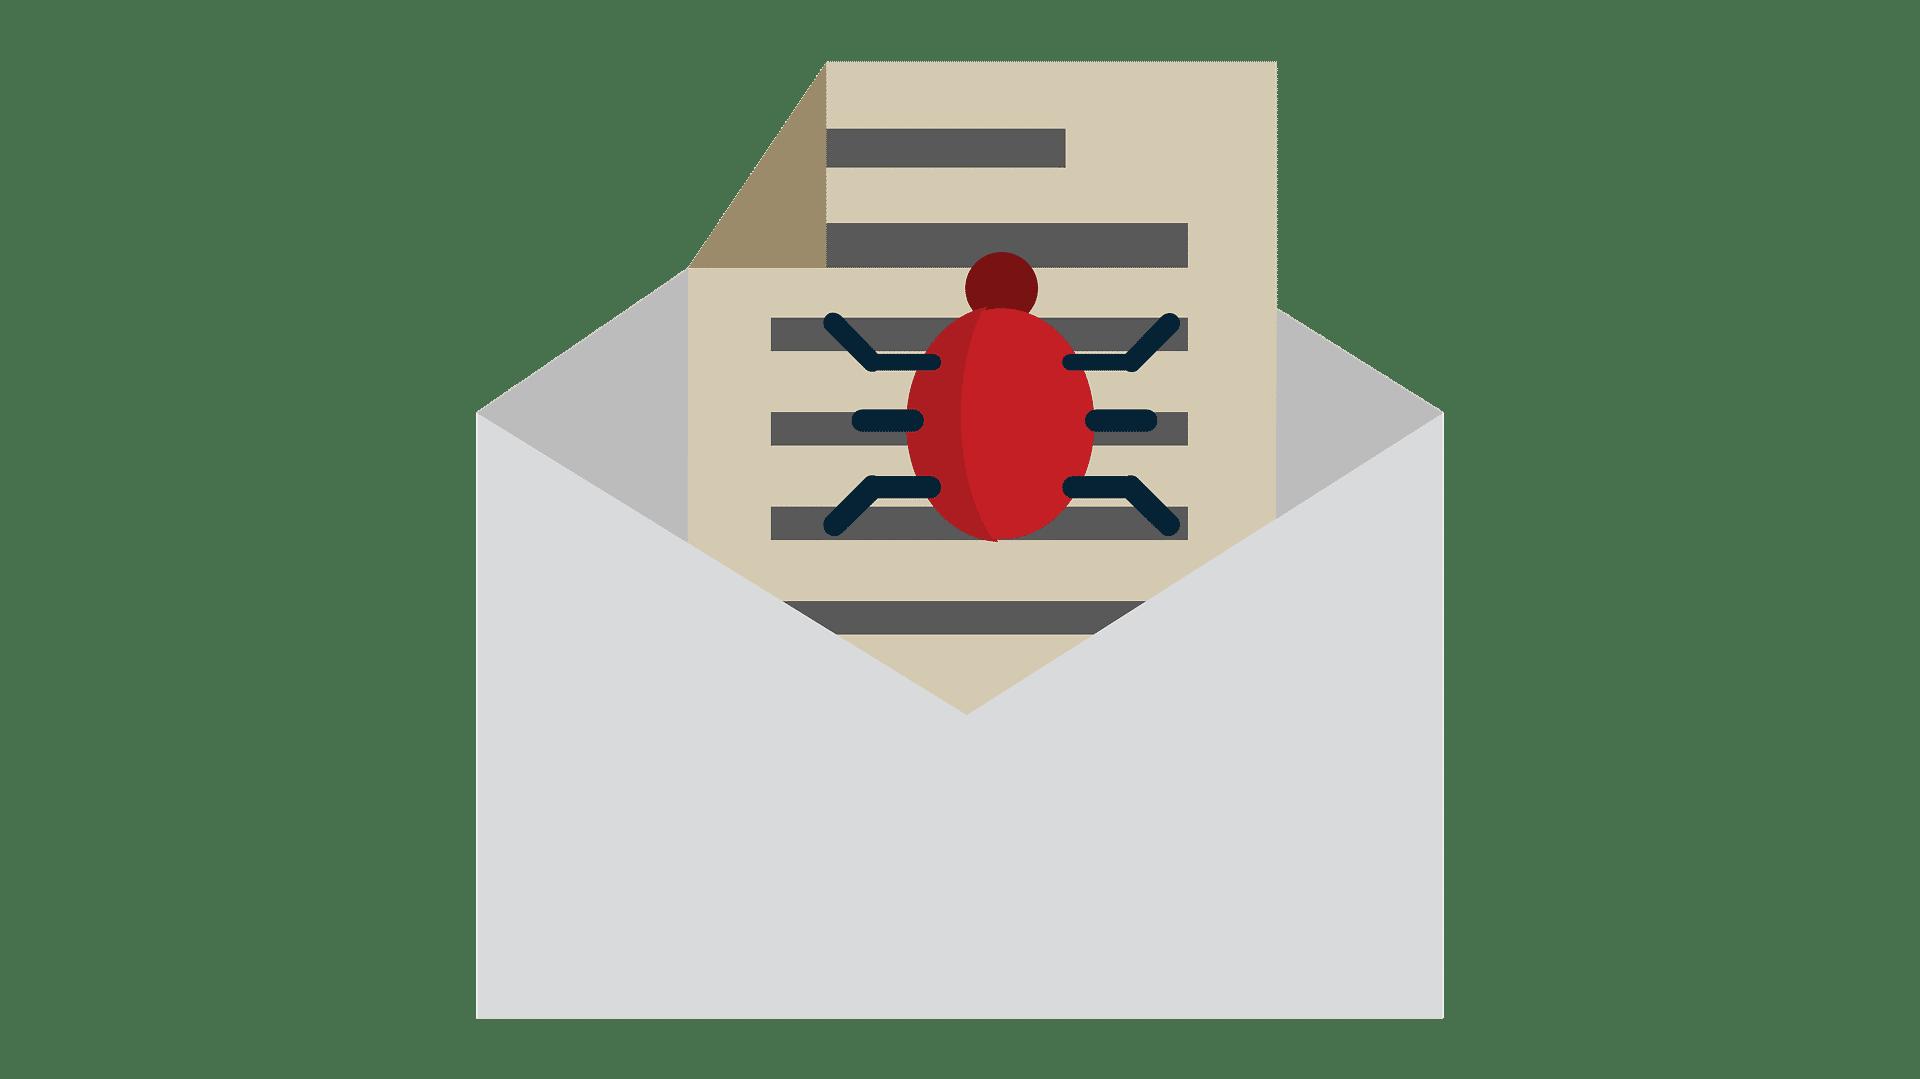 Vorsicht vor Betrüger-Mails mit gefälschten PDF-Rechnungen